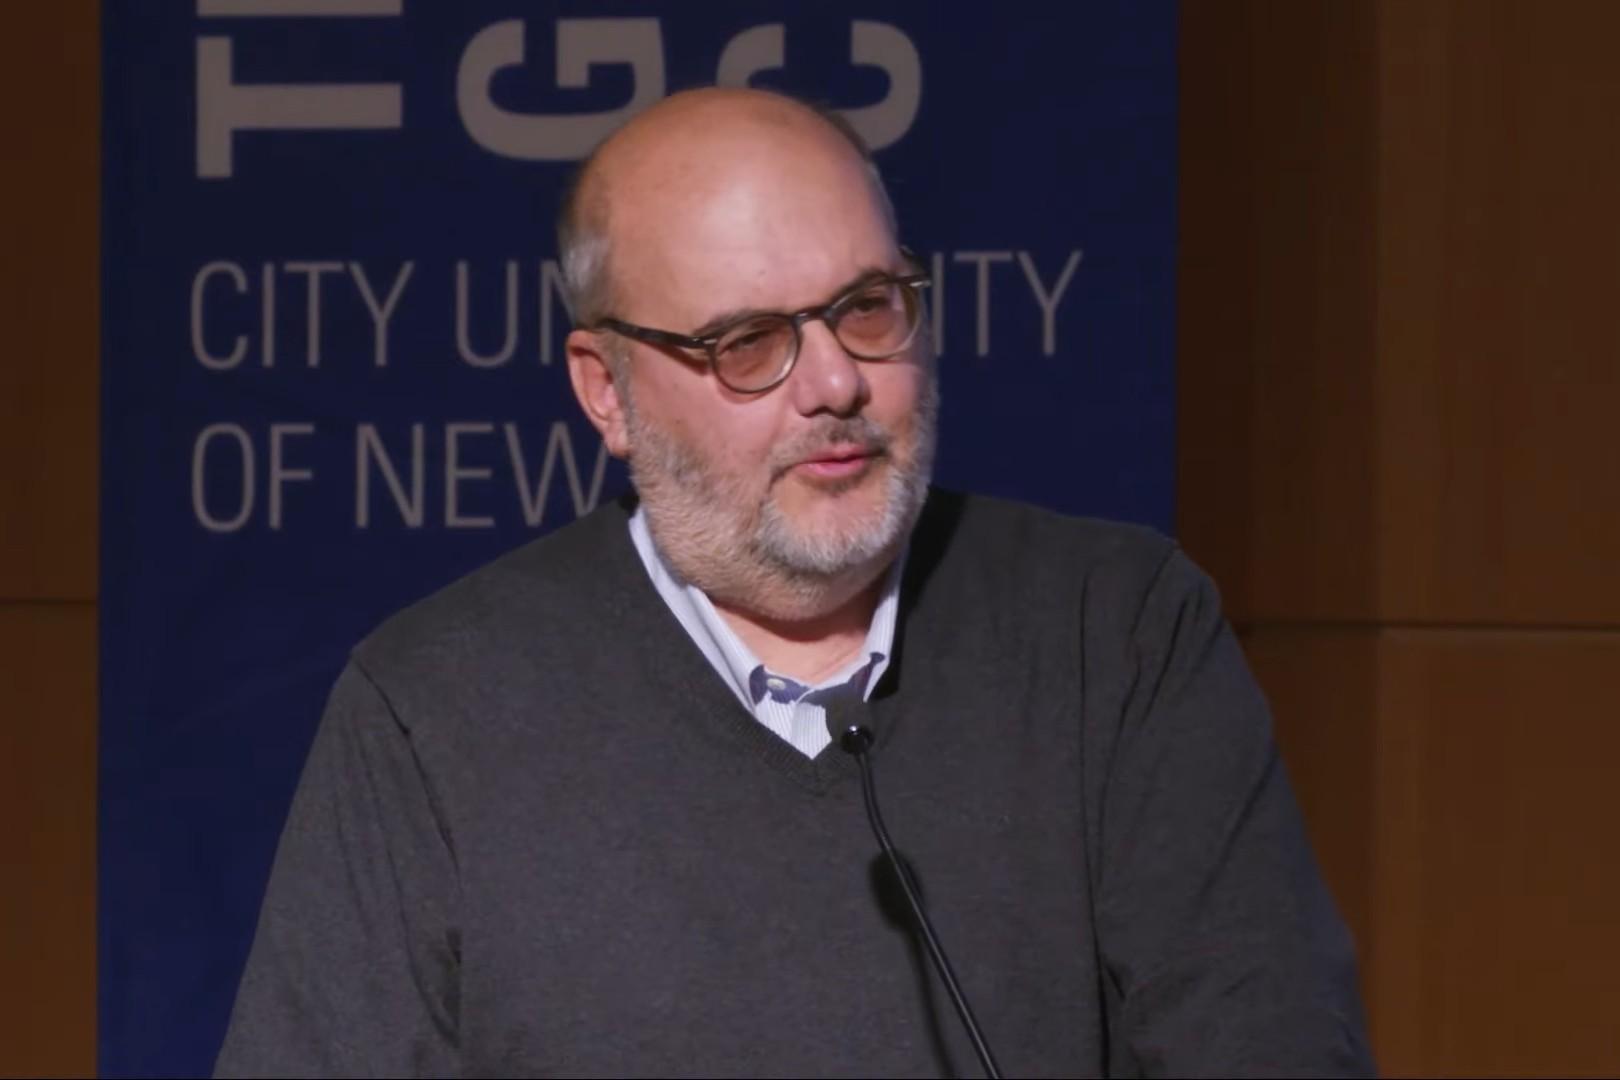 Profesor Branko Milanović tokom jednog predavanja (Foto: Snimak ekrana/Jutjub/The Graduate Center, CUNY)